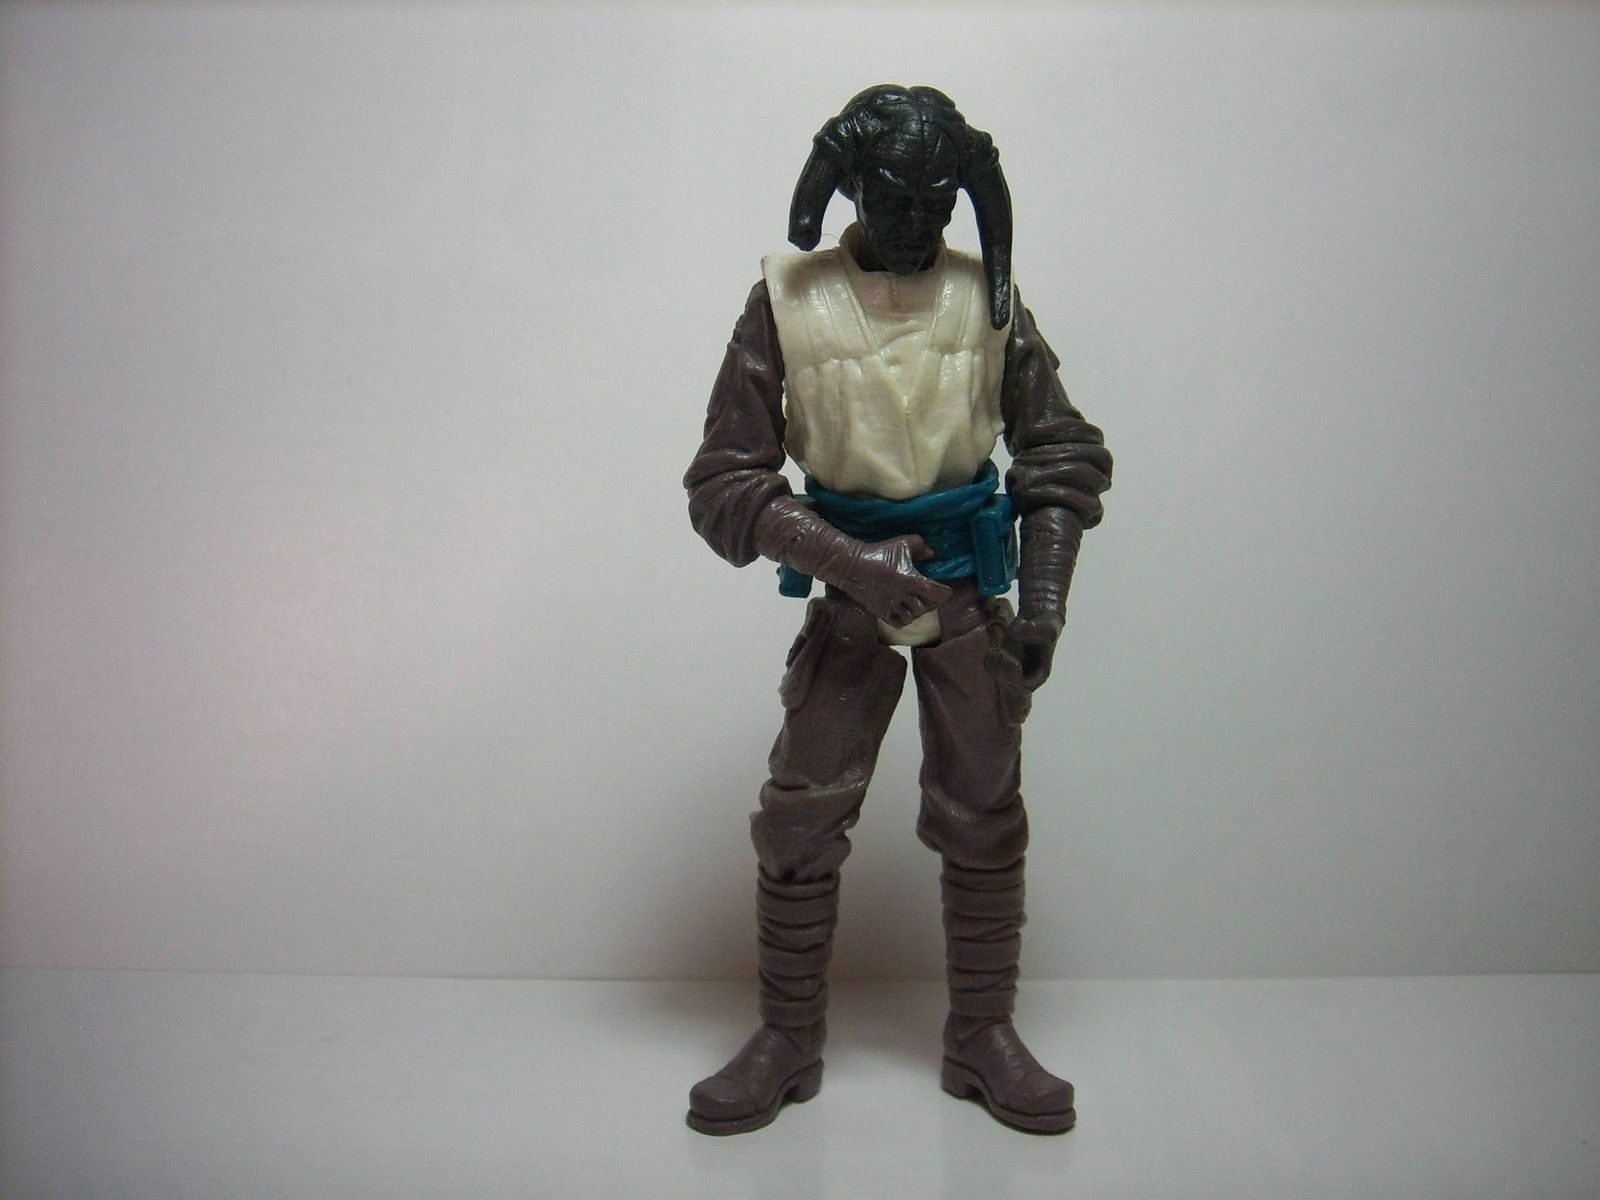 Star - wars - prototyp - saesee tiin - 2003 klonkriegen armee der republik